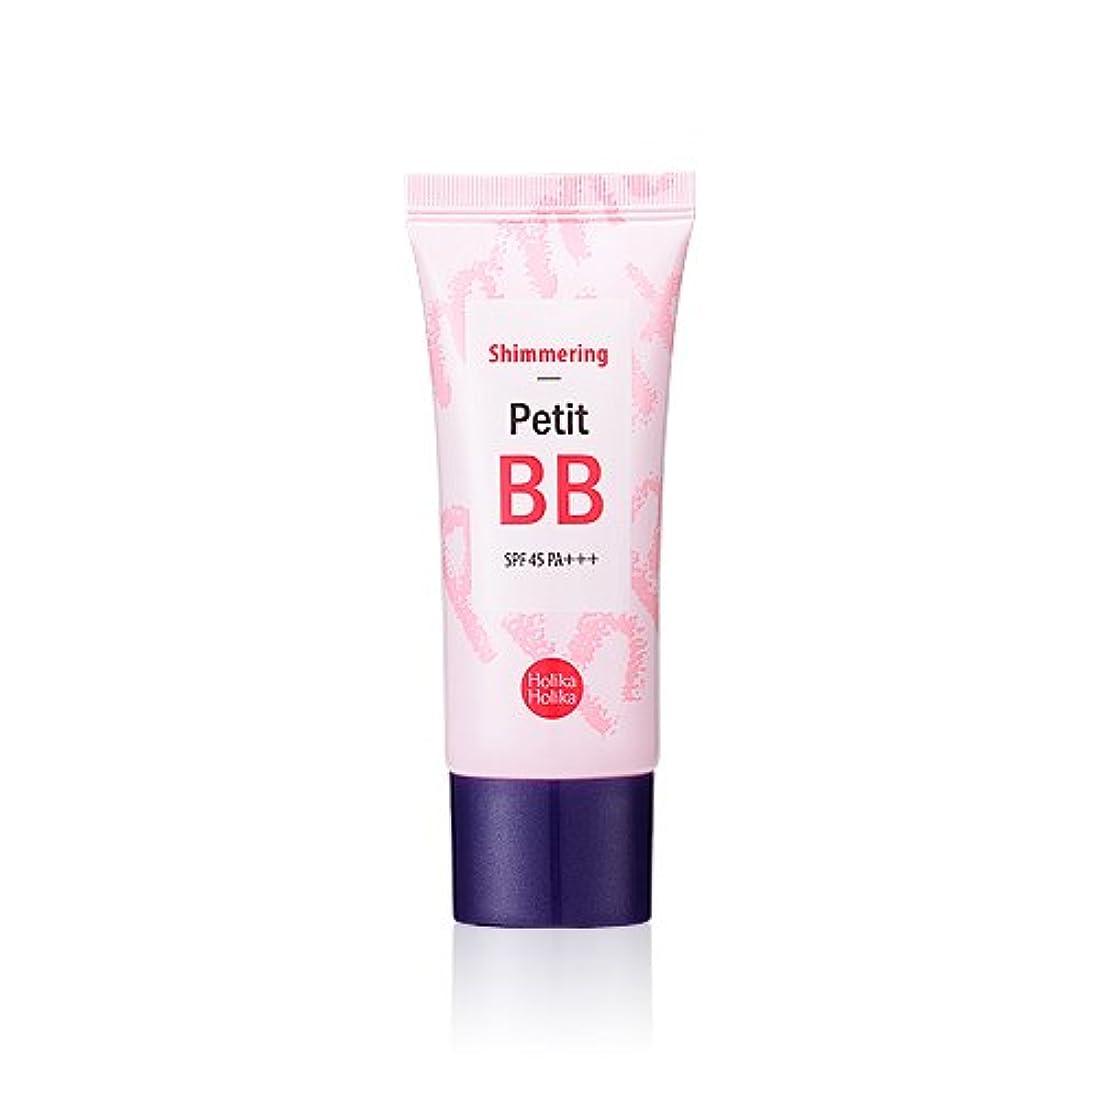 鉄汚染ライトニングHolika Holika Petit BB Cream Shimmering SPF45 PA+++ 30mlホリカホリカ プチ BB シューマーリングSPF45 PA+++ 30ml [並行輸入品]